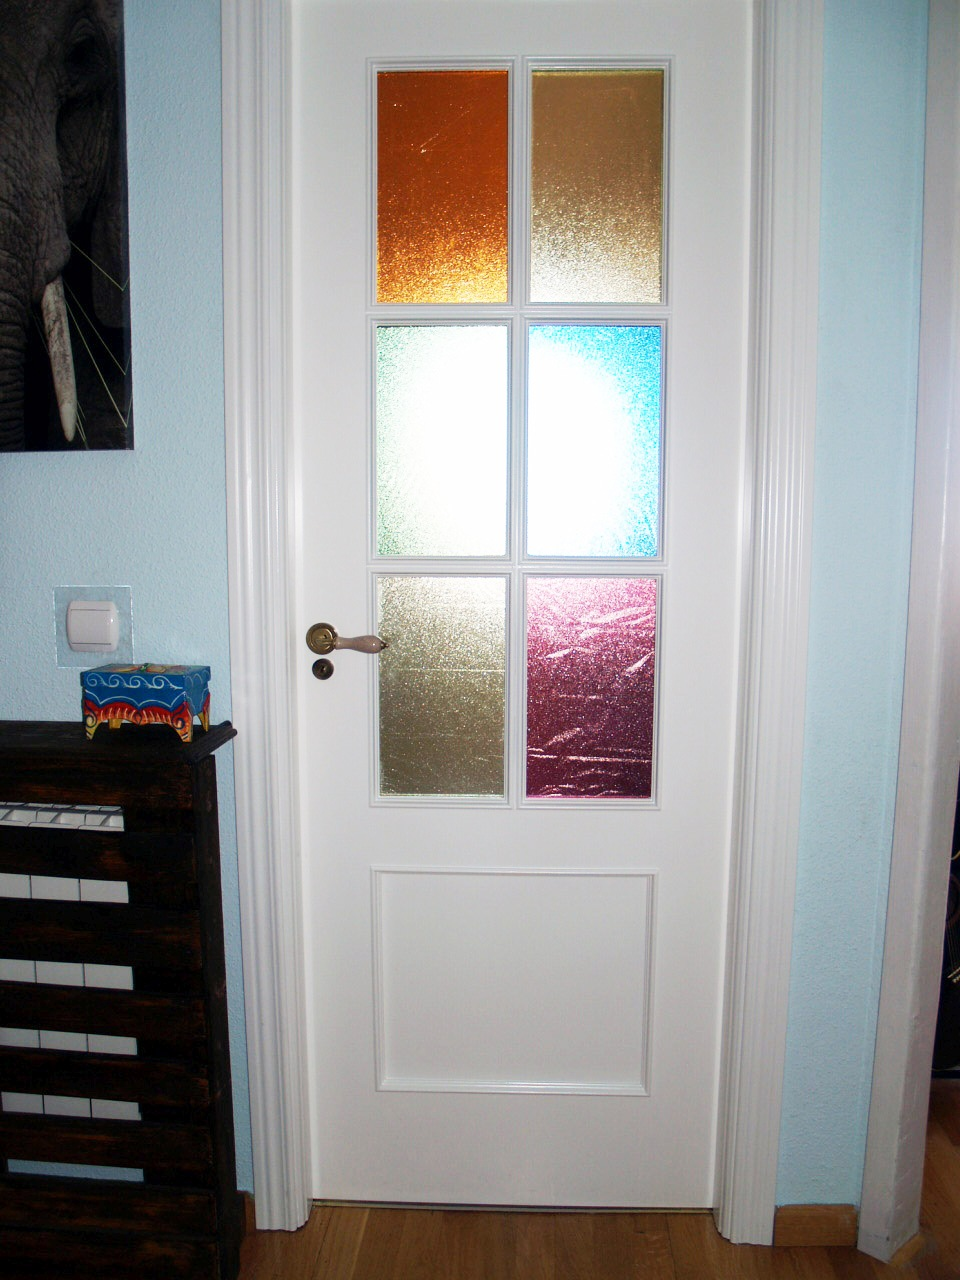 Cristales puertas interiores ideas de disenos - Cristales para puertas ...